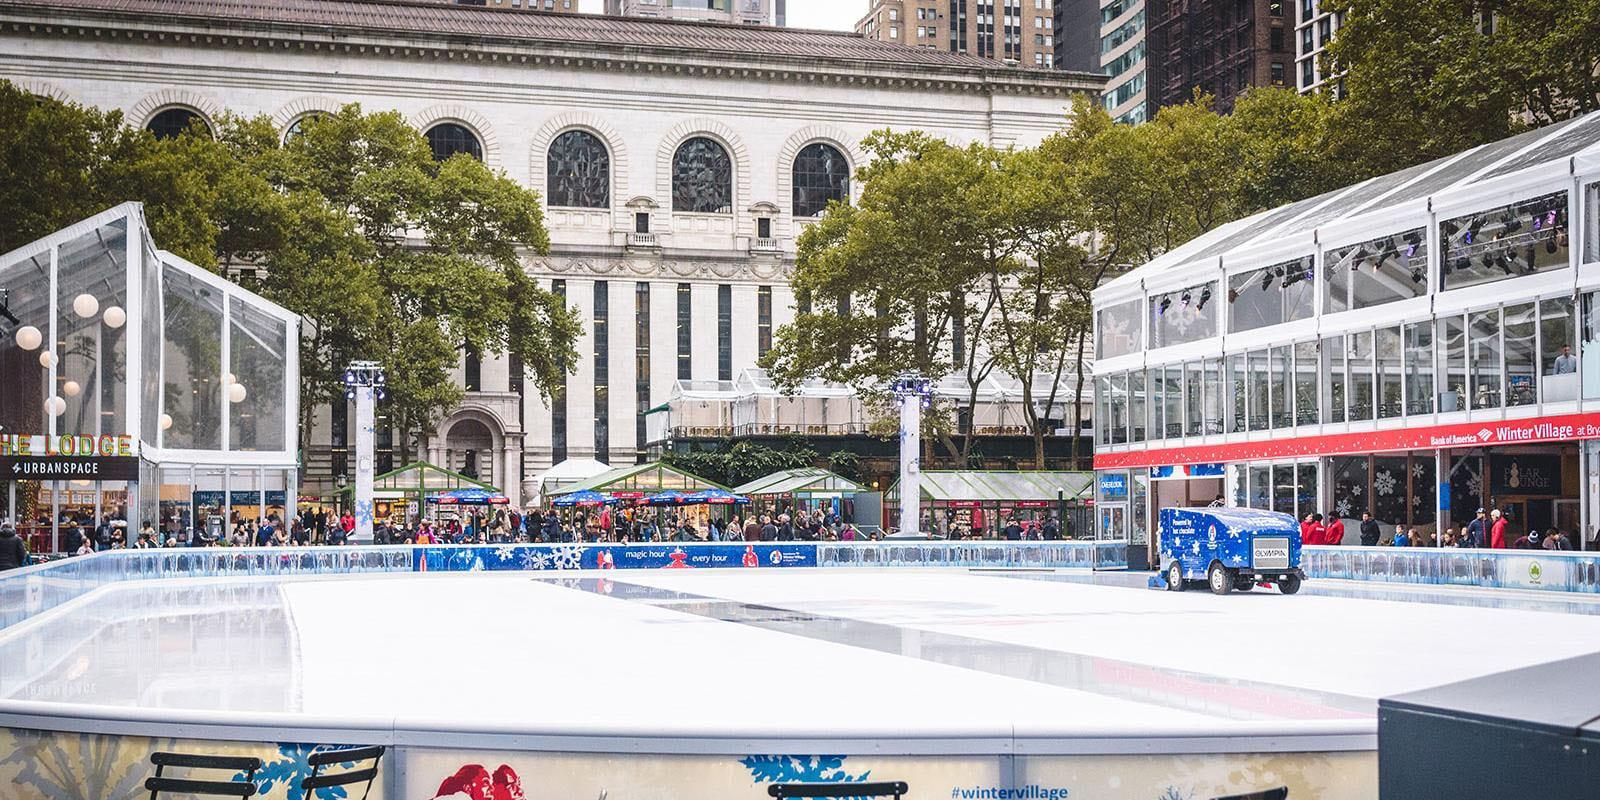 Pistas de hielo en Bryant Park en octubre